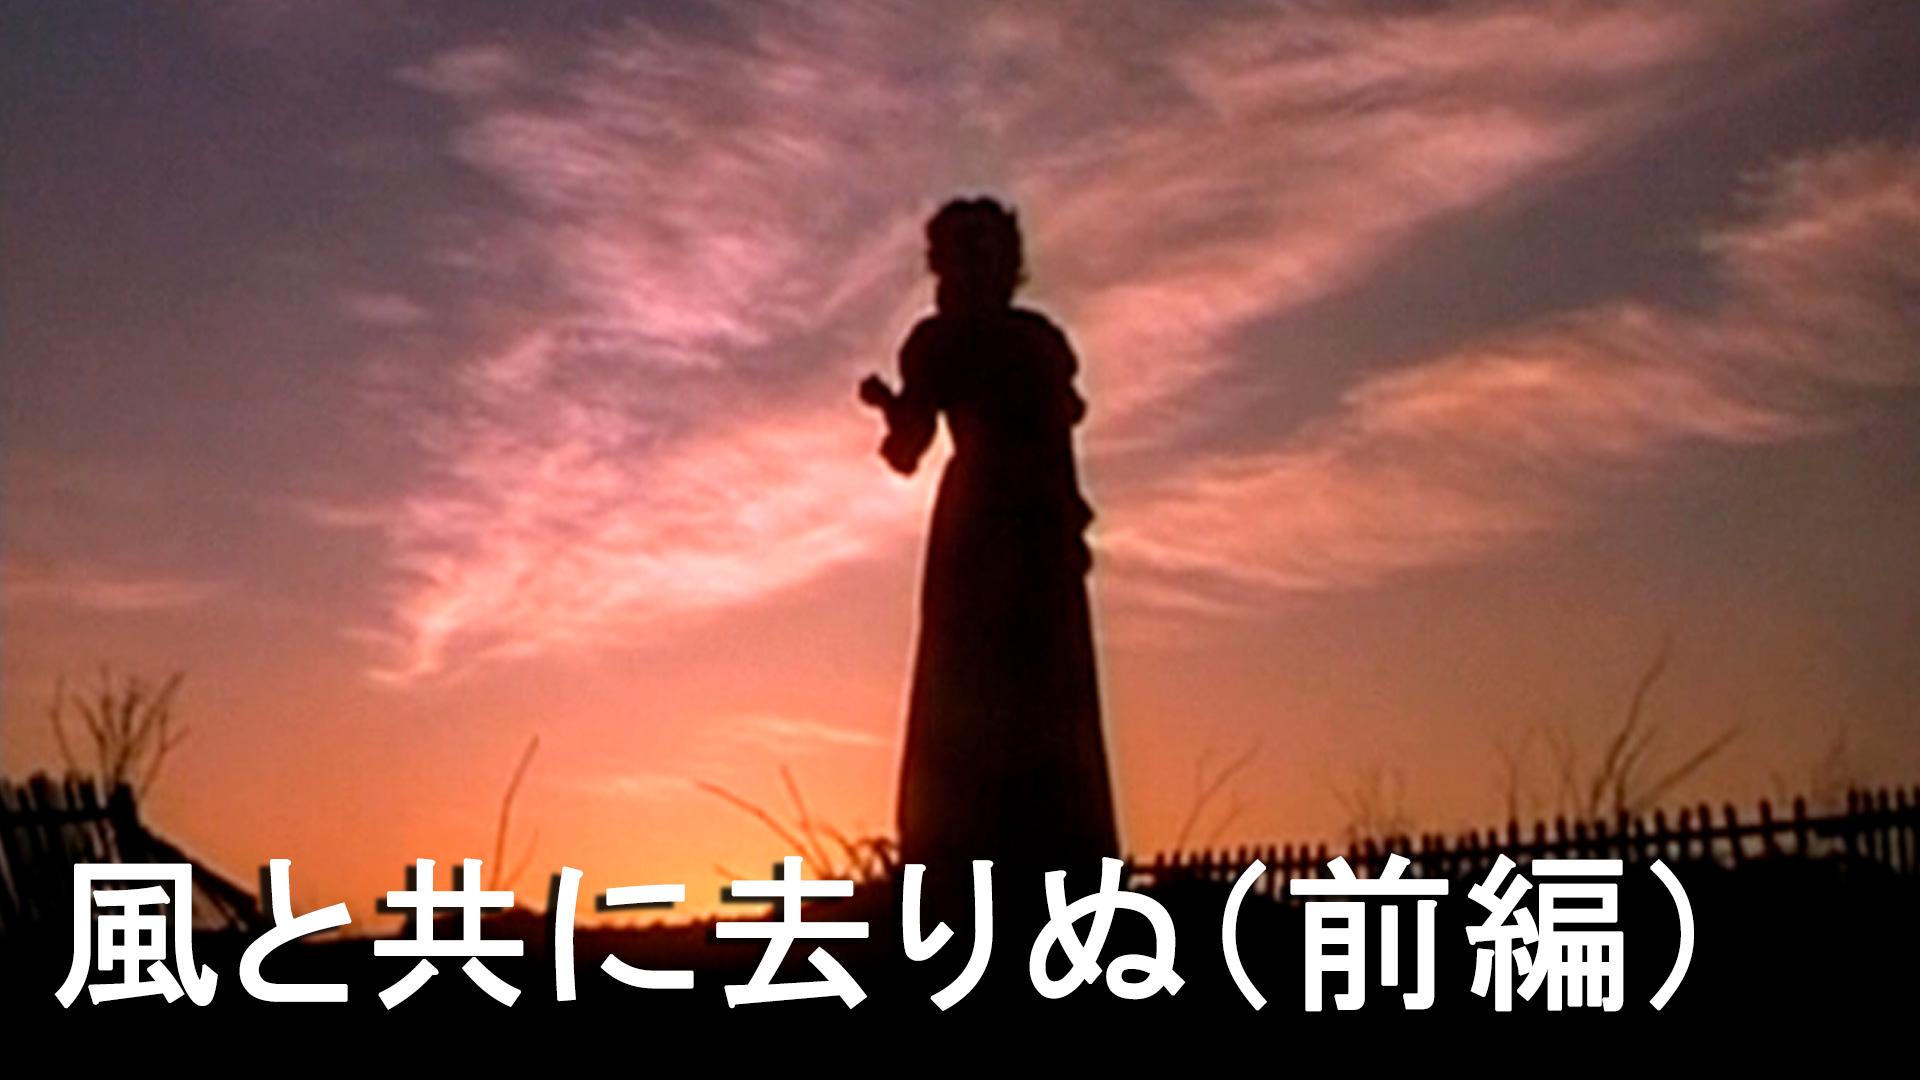 風と共に去りぬ (前編)(字幕版)